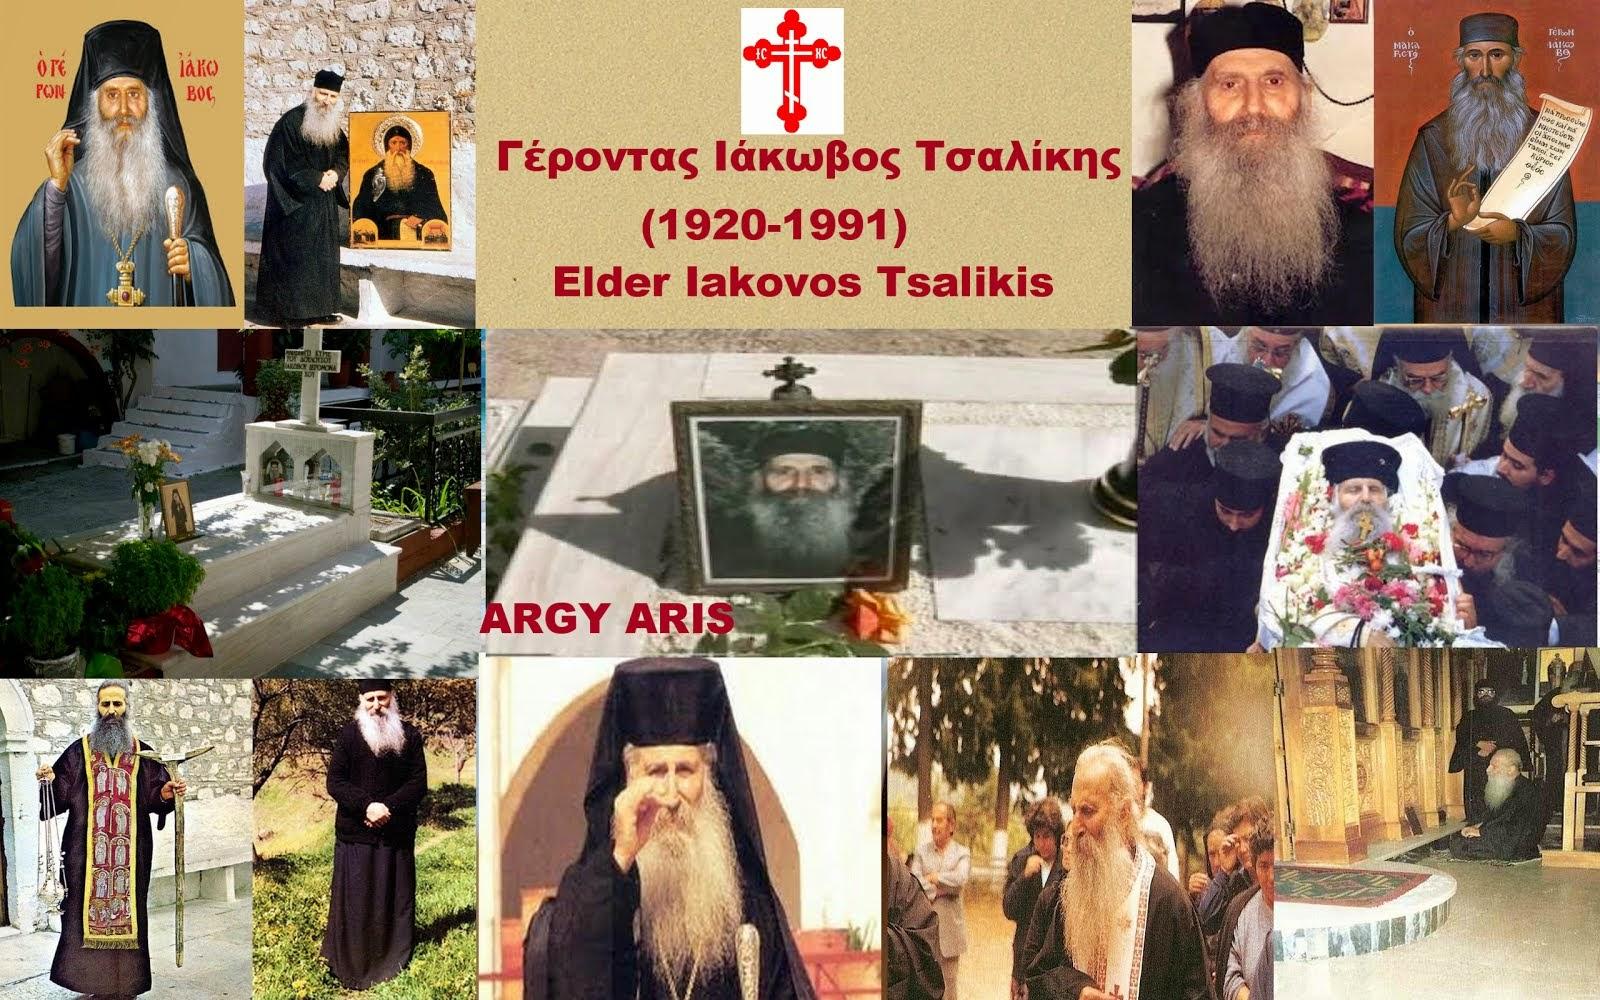 Γέροντας Ιάκωβος Τσαλίκης  - Elder Iakovos Tsalikis